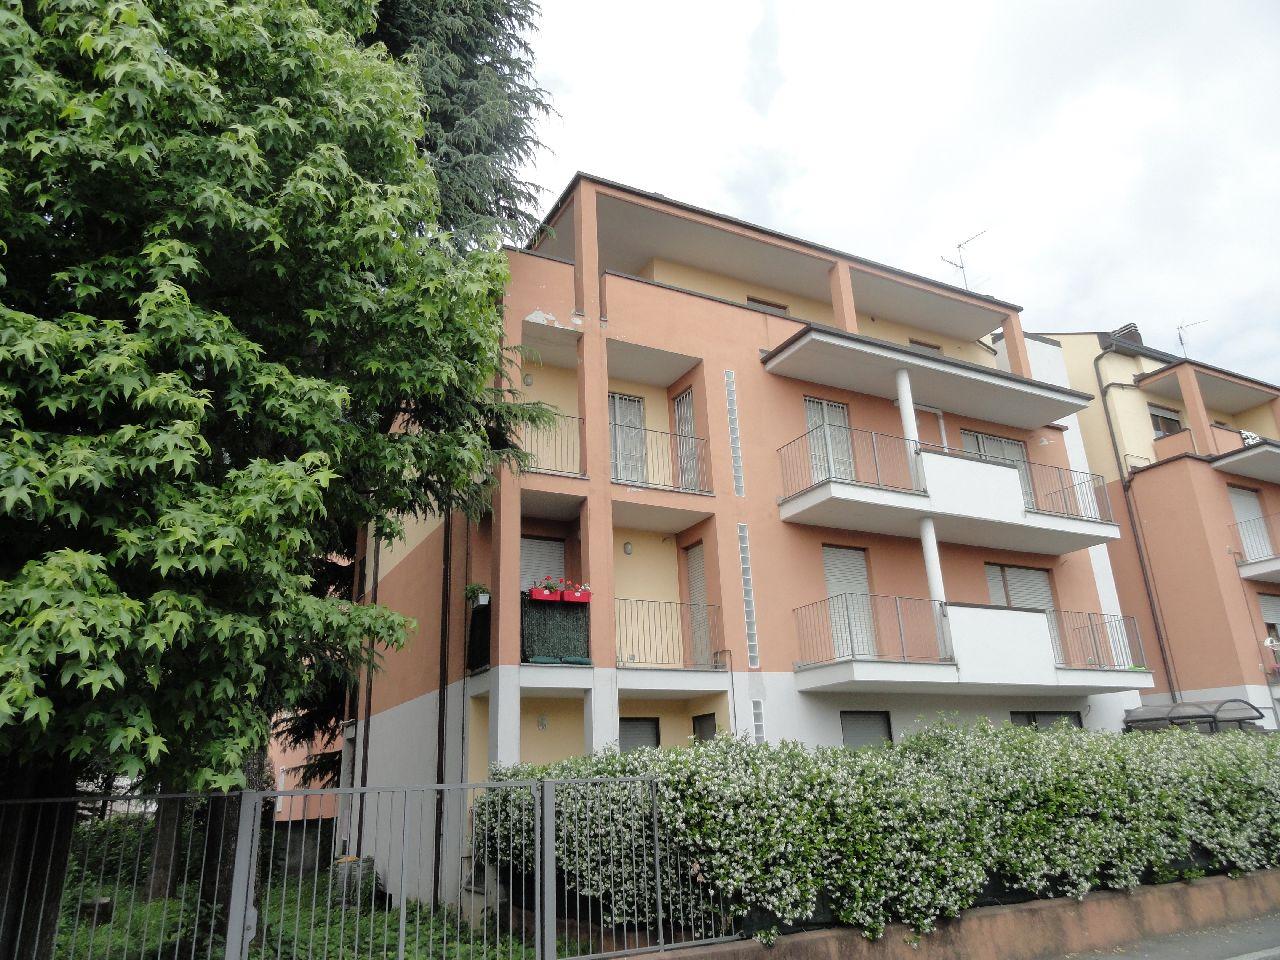 Appartamento in affitto a Busto Arsizio, 1 locali, zona Località: StazioneF.n.m., prezzo € 380   PortaleAgenzieImmobiliari.it